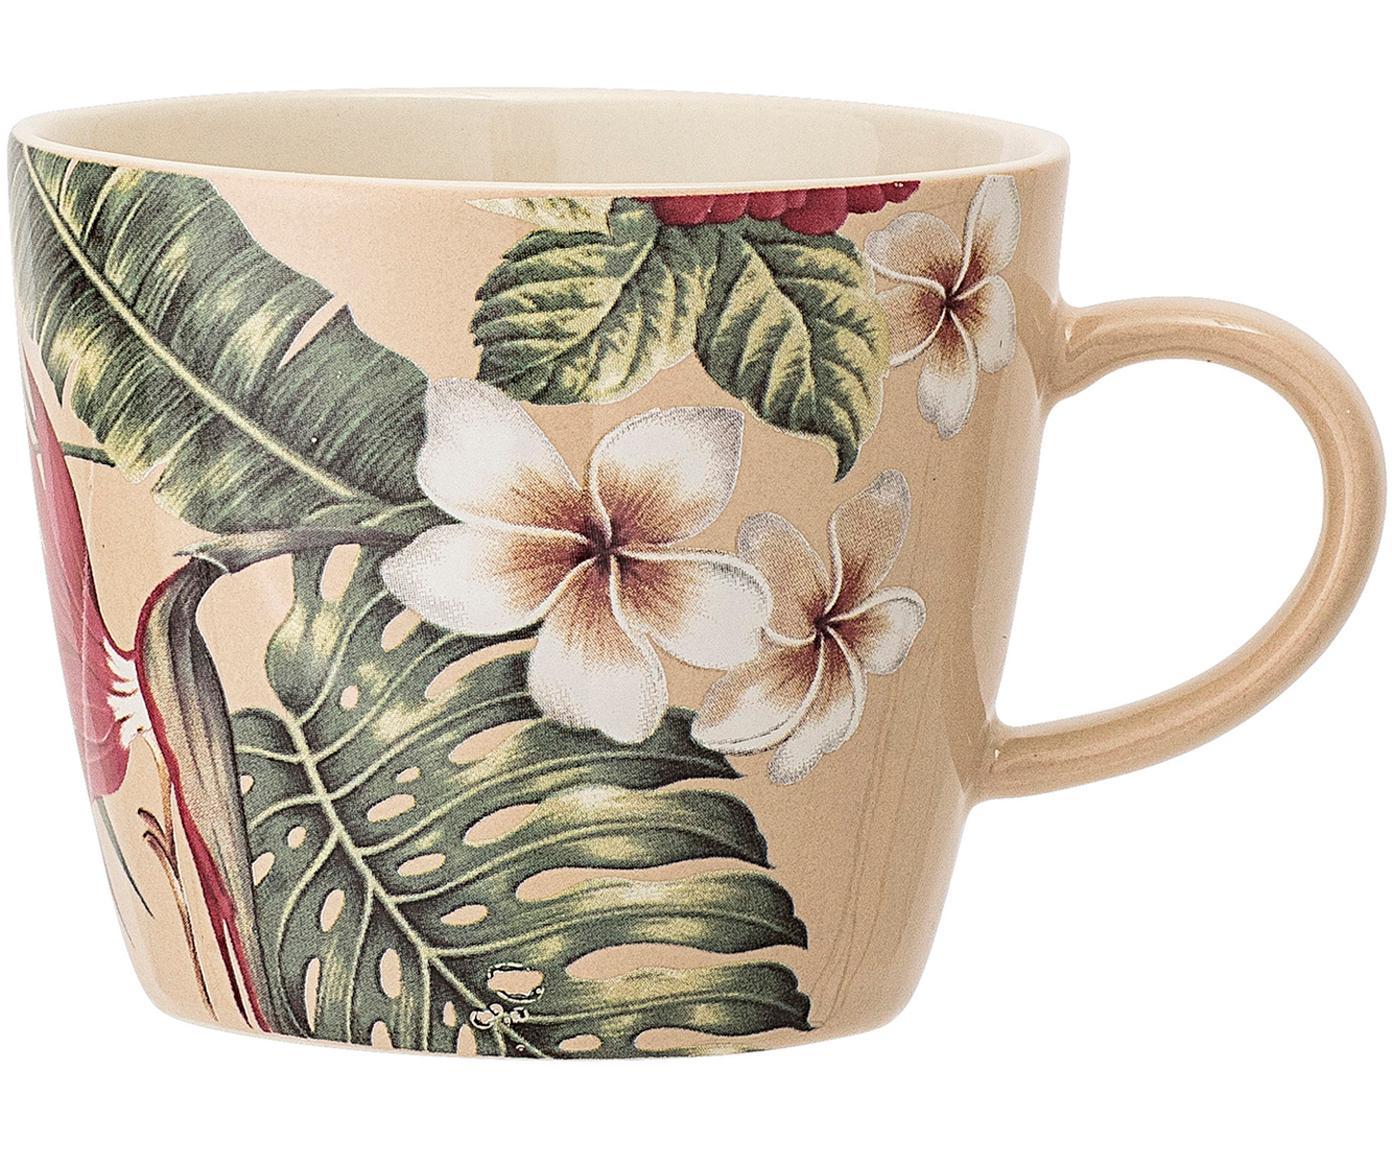 Filiżanka do kawy Aruba, 2 Stück, Kamionka, Kremowobiały, zielony, czerwony, Ø 10 x W 8 cm